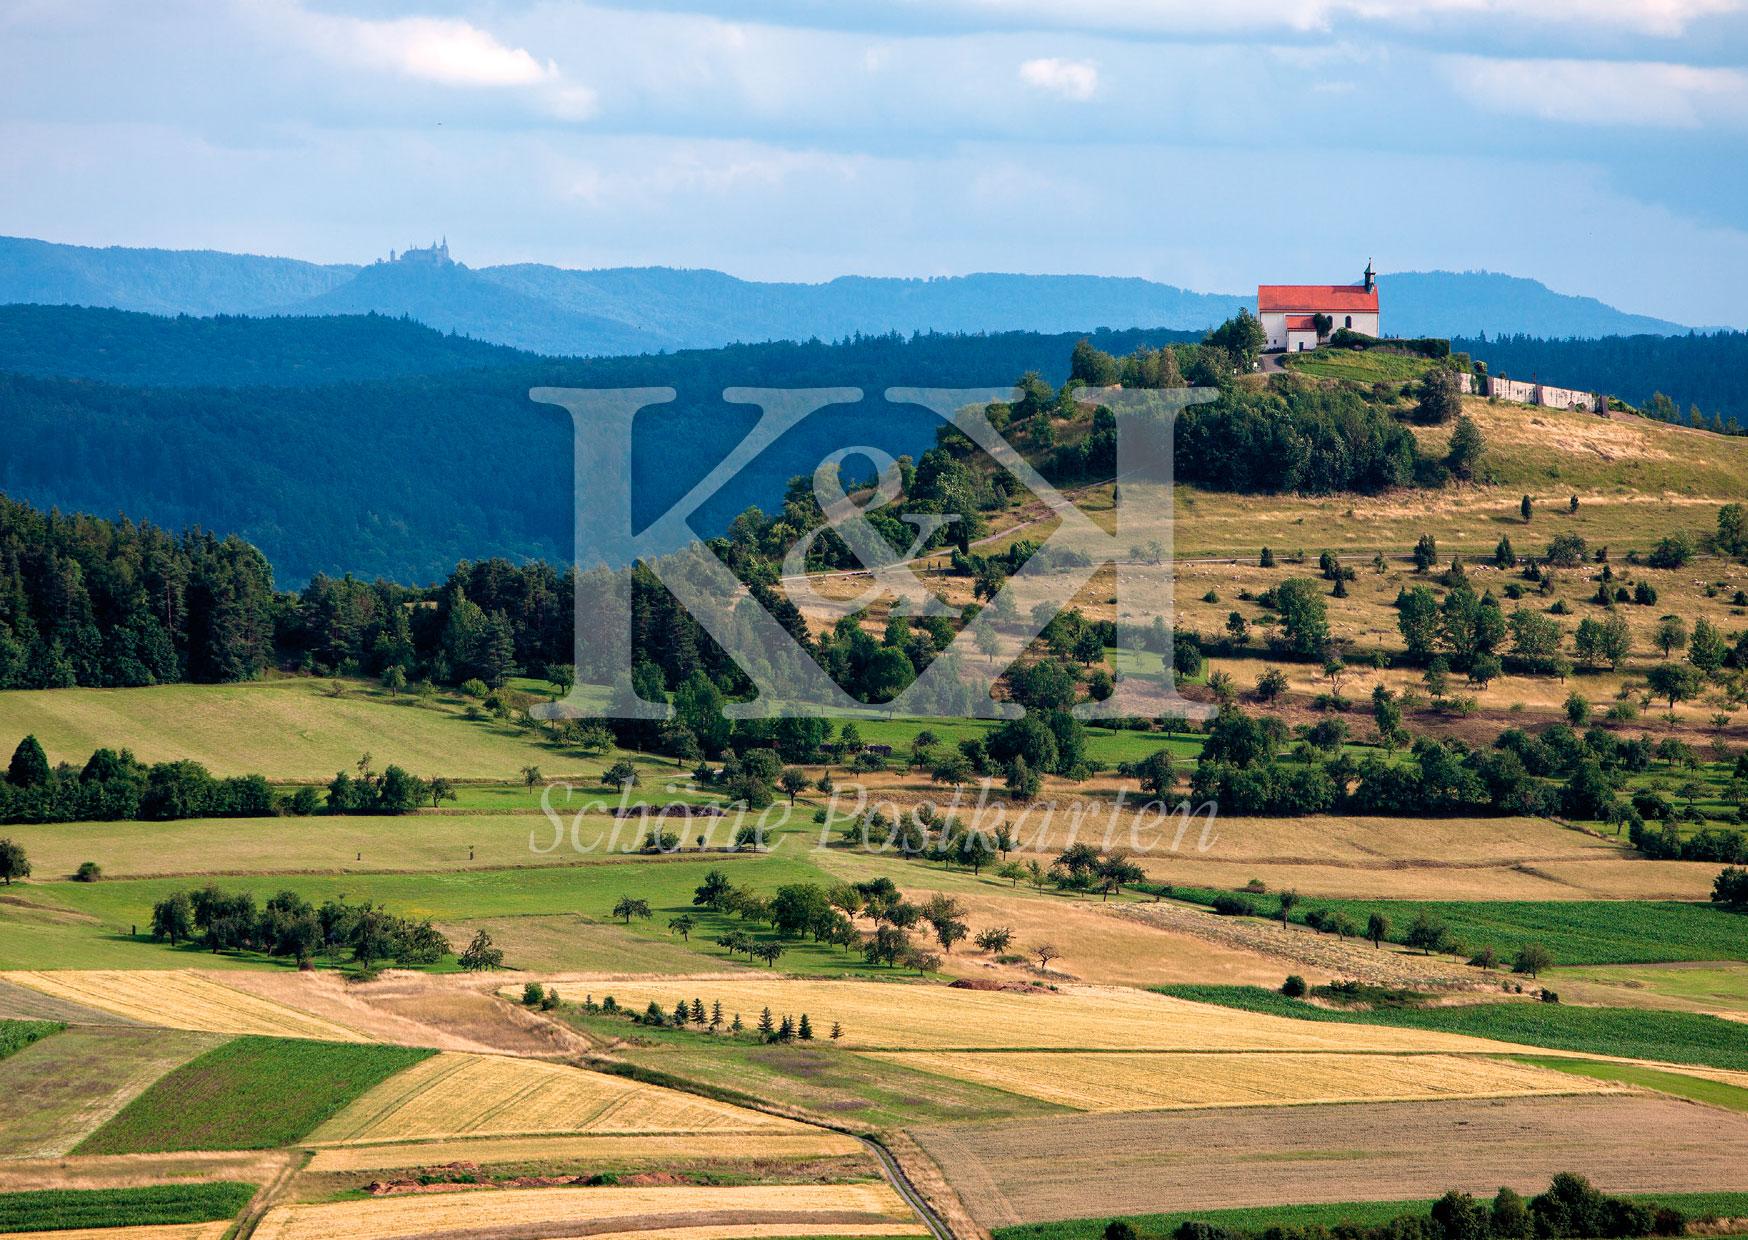 Schöne Postkarten Nr. 219 · Wurmlinger Kapelle und Burg Hohenzollern vor der Schwäbischen Alb © 2018